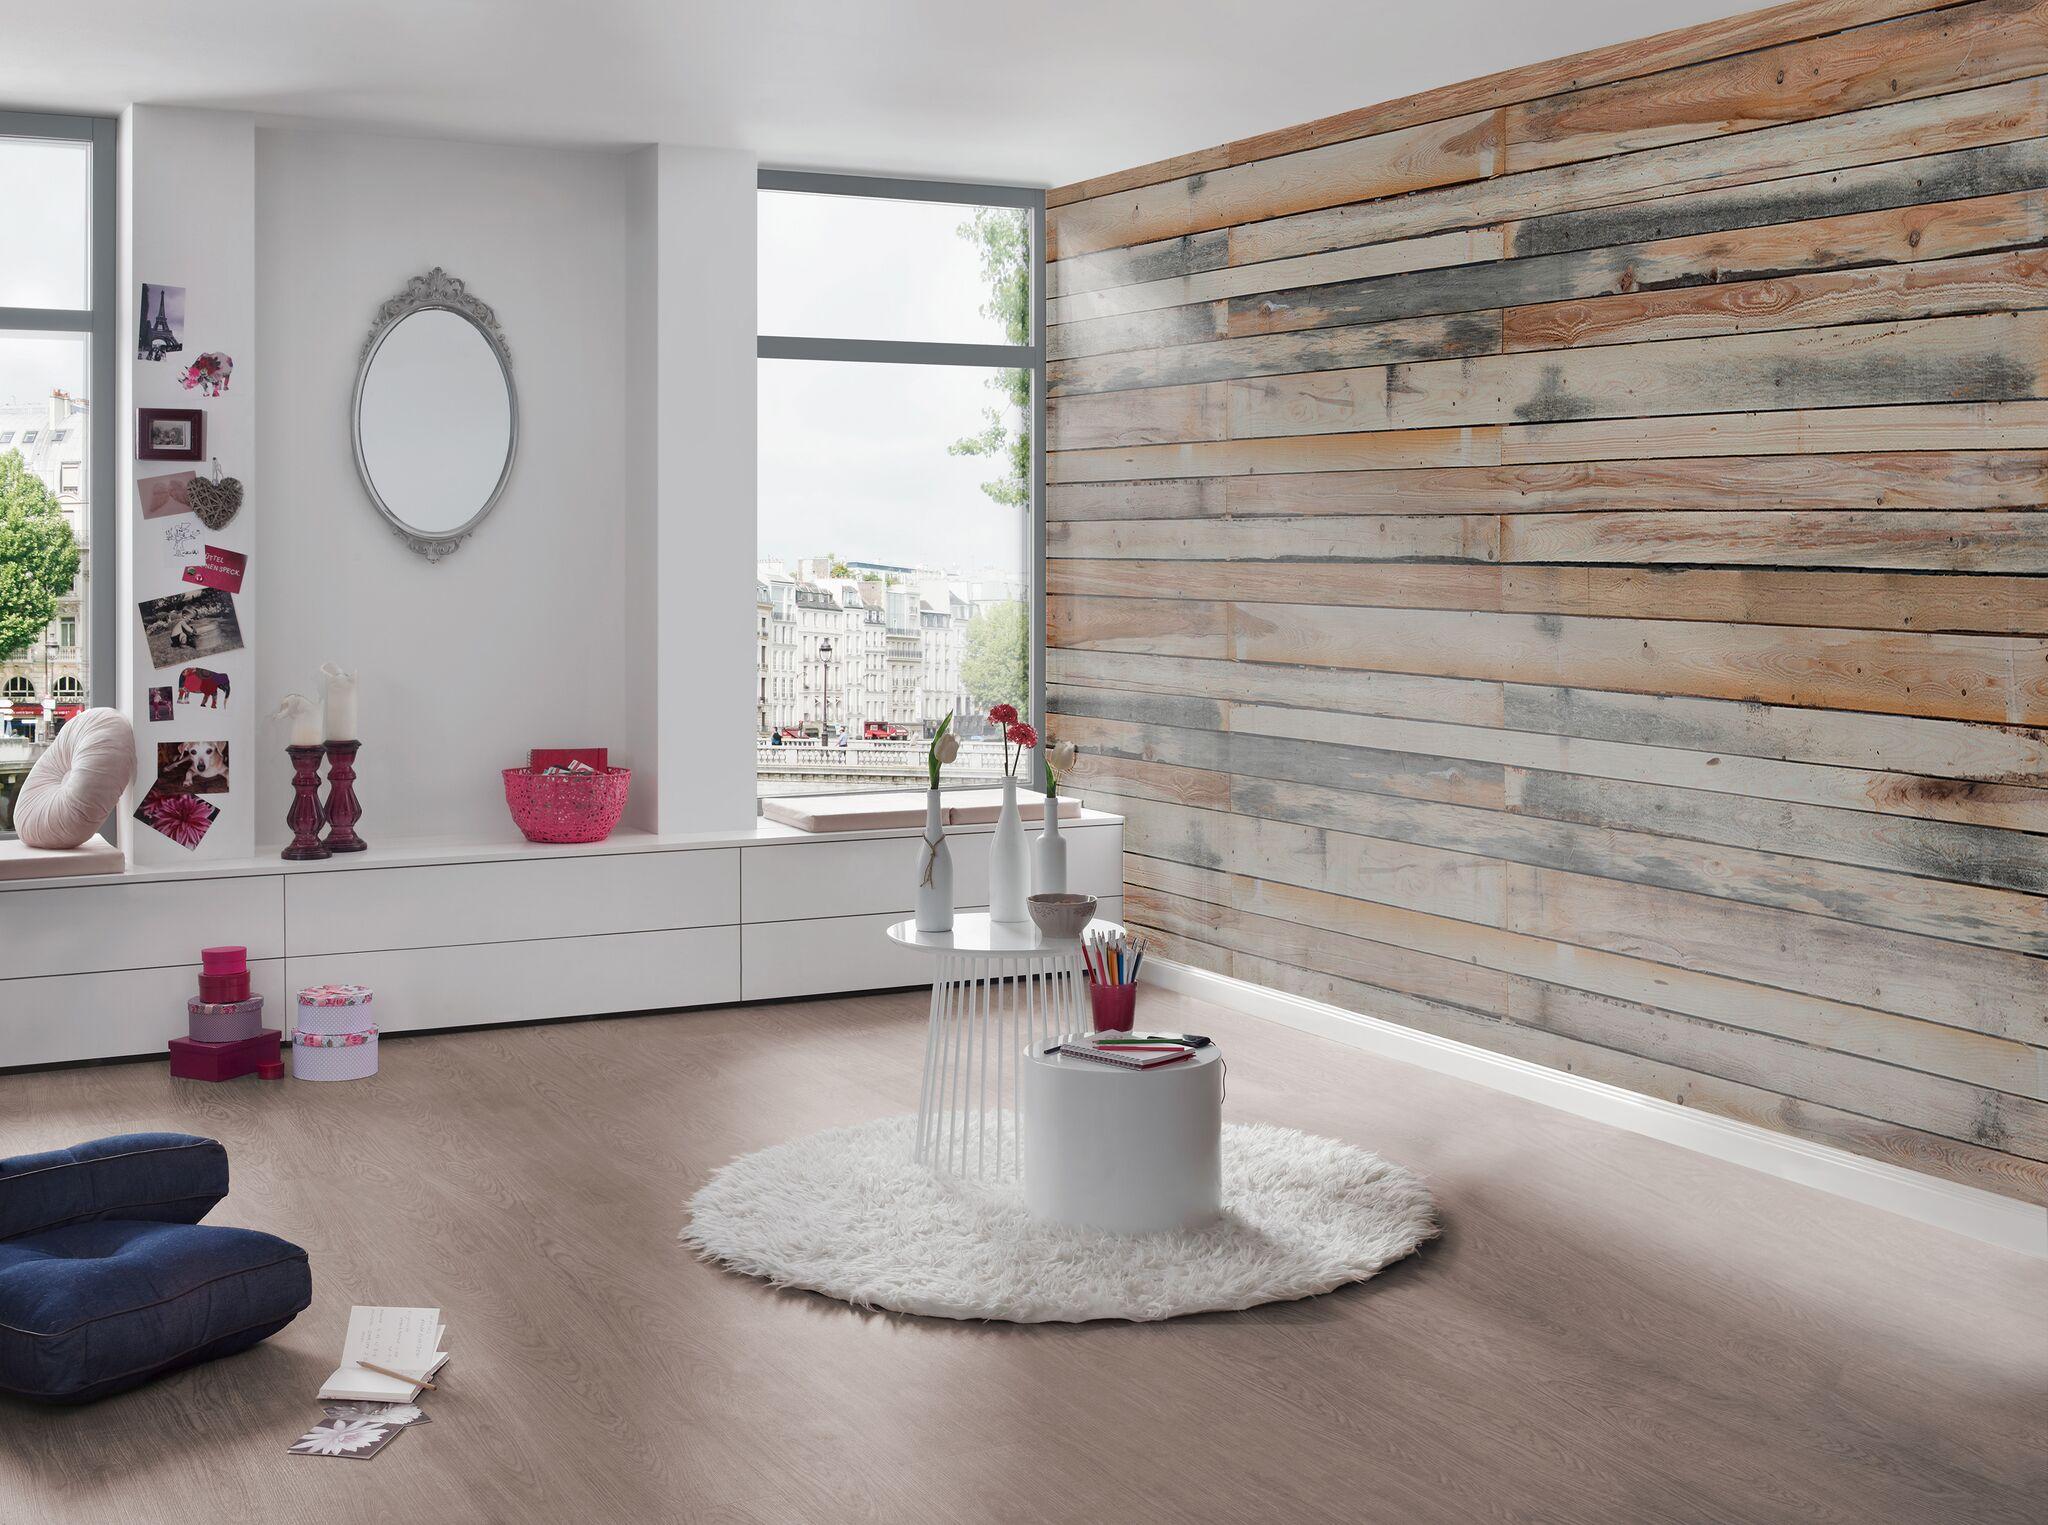 Tapete in Holzoptik im Wohnzimmer